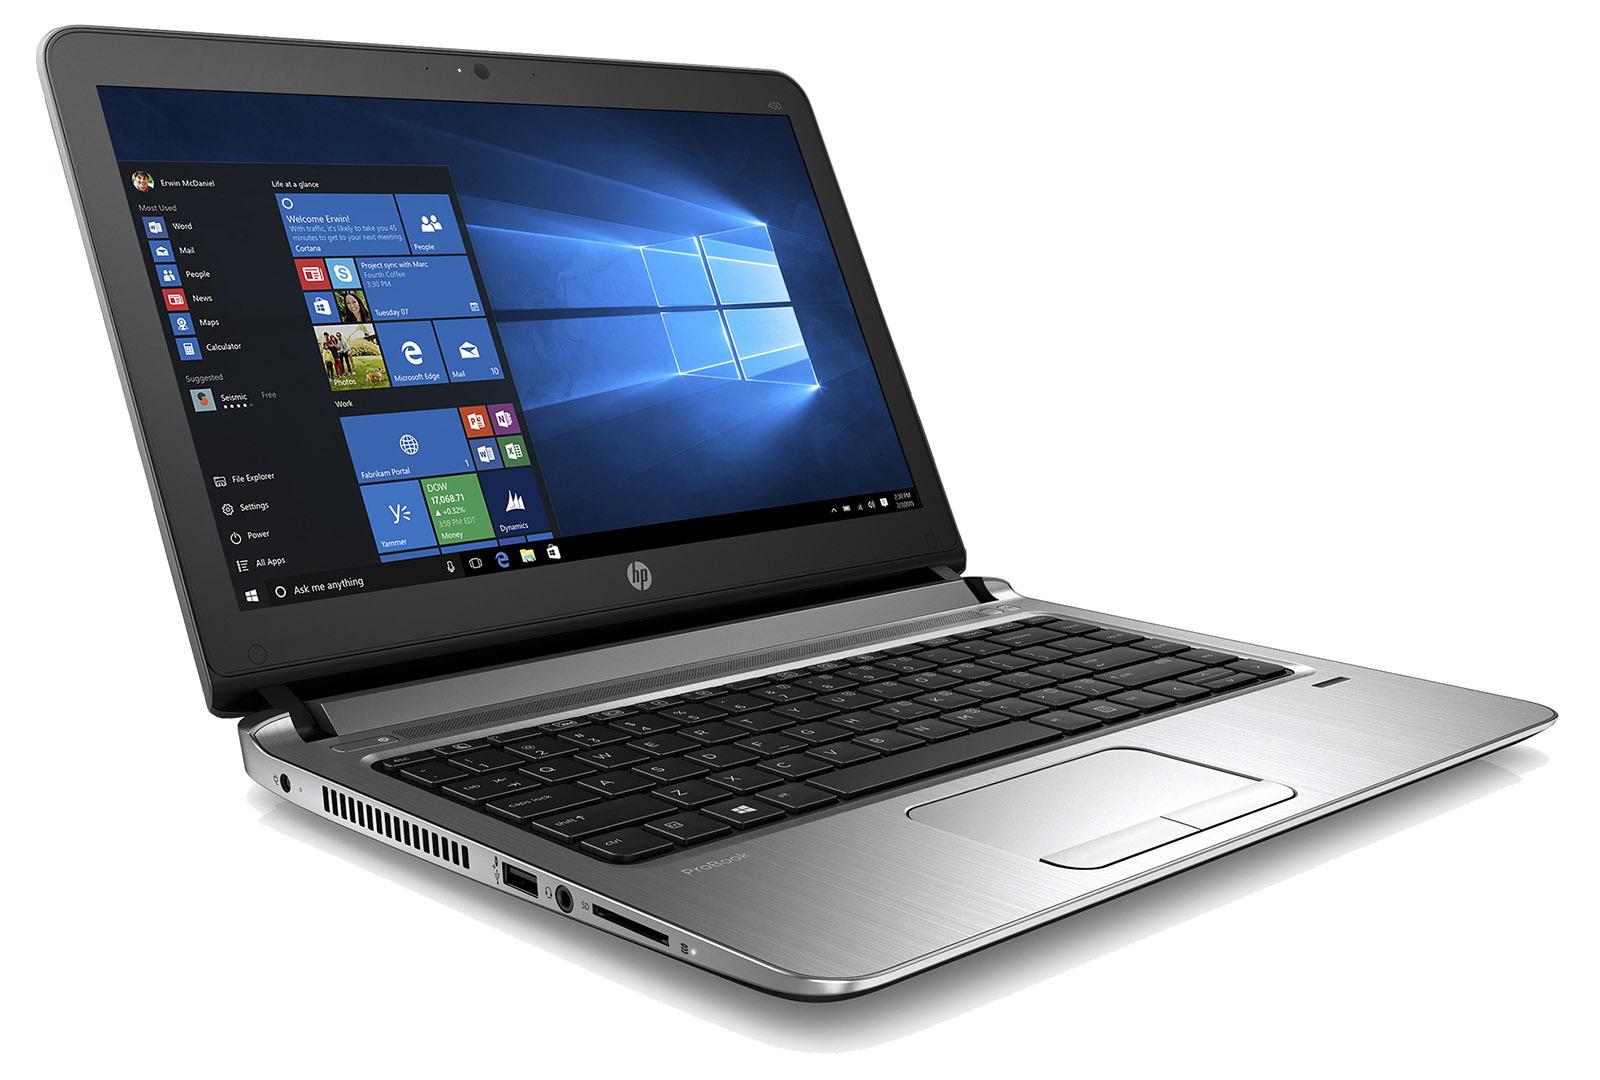 HP ProBook 430 G3 i3-6100U/4GB/256GB SSD+slot 2,5''/13.3 HD/Backlit kbd, Win 10 Pro downg W7P